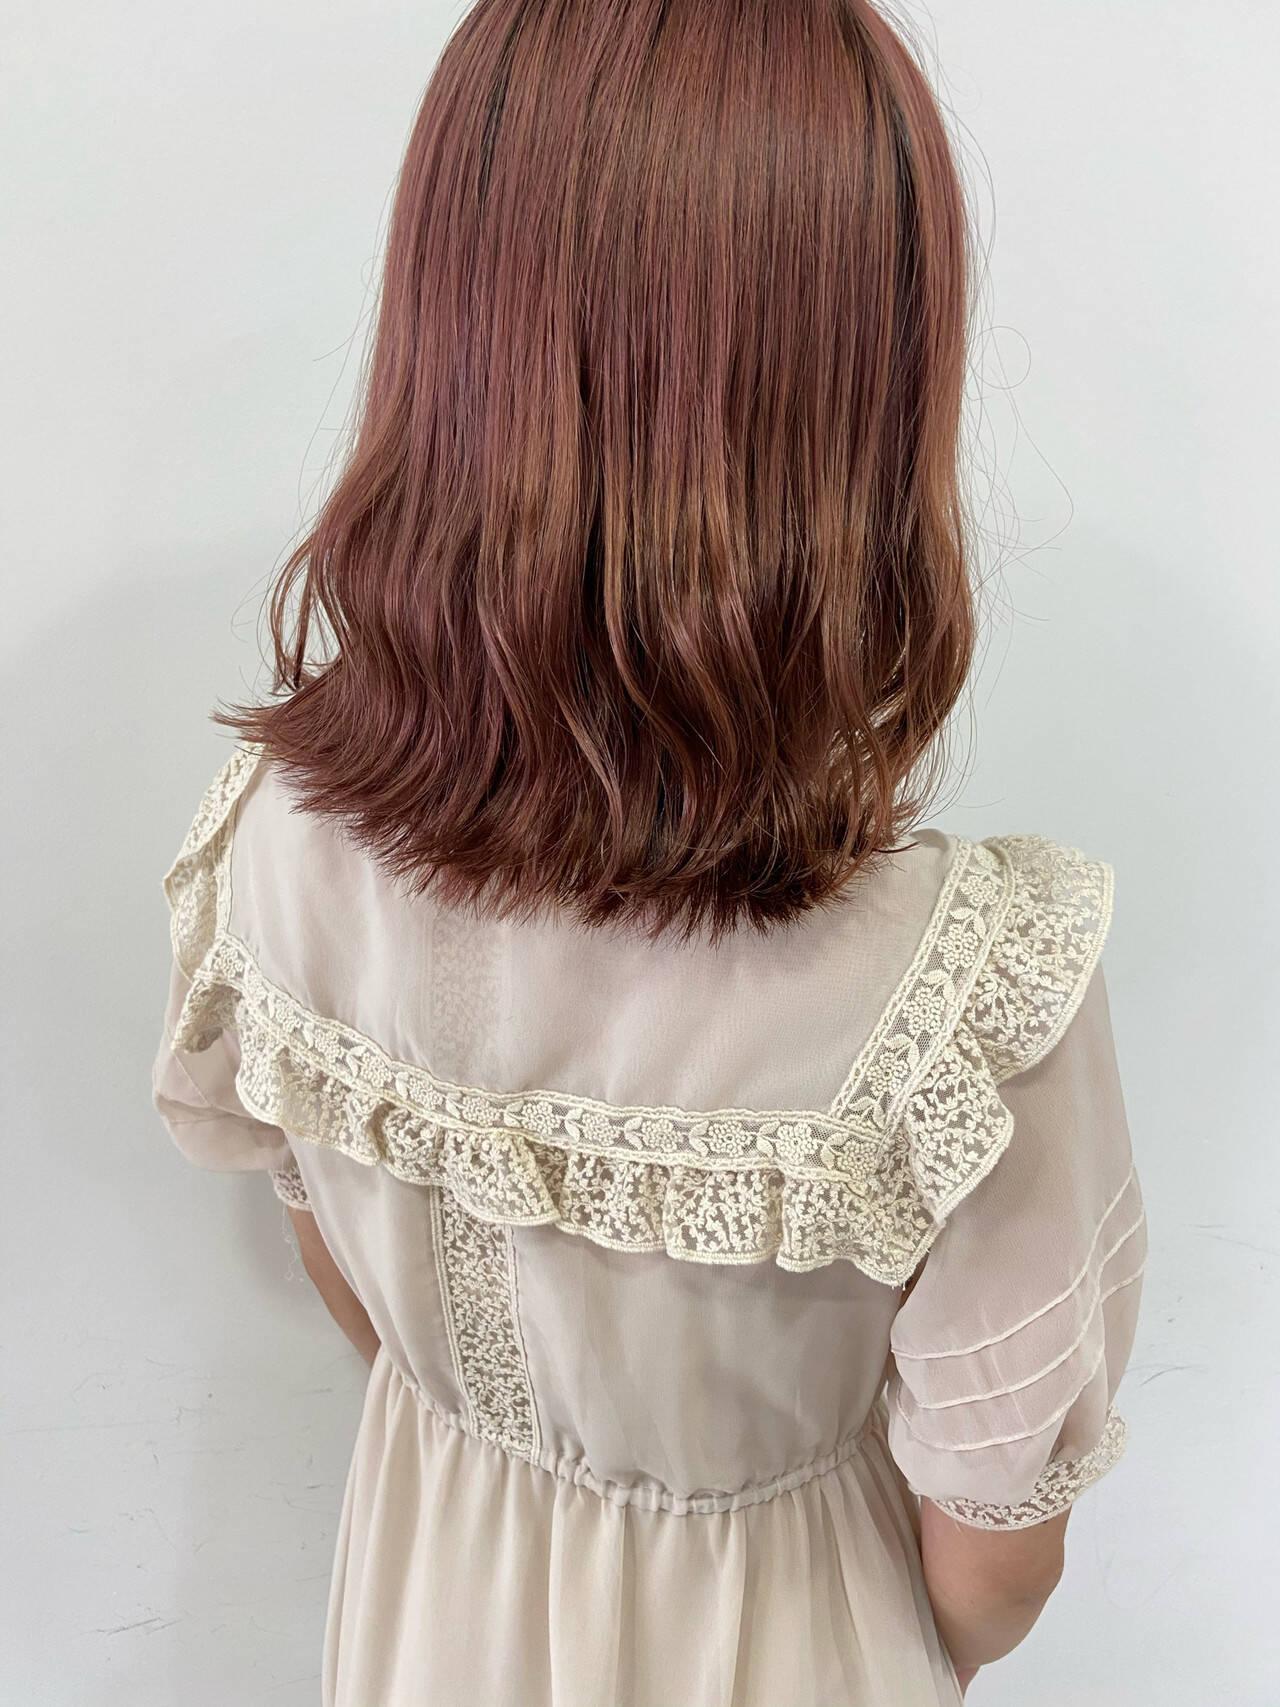 ラズベリーピンク 切りっぱなしボブ ピンク ベリーピンクヘアスタイルや髪型の写真・画像